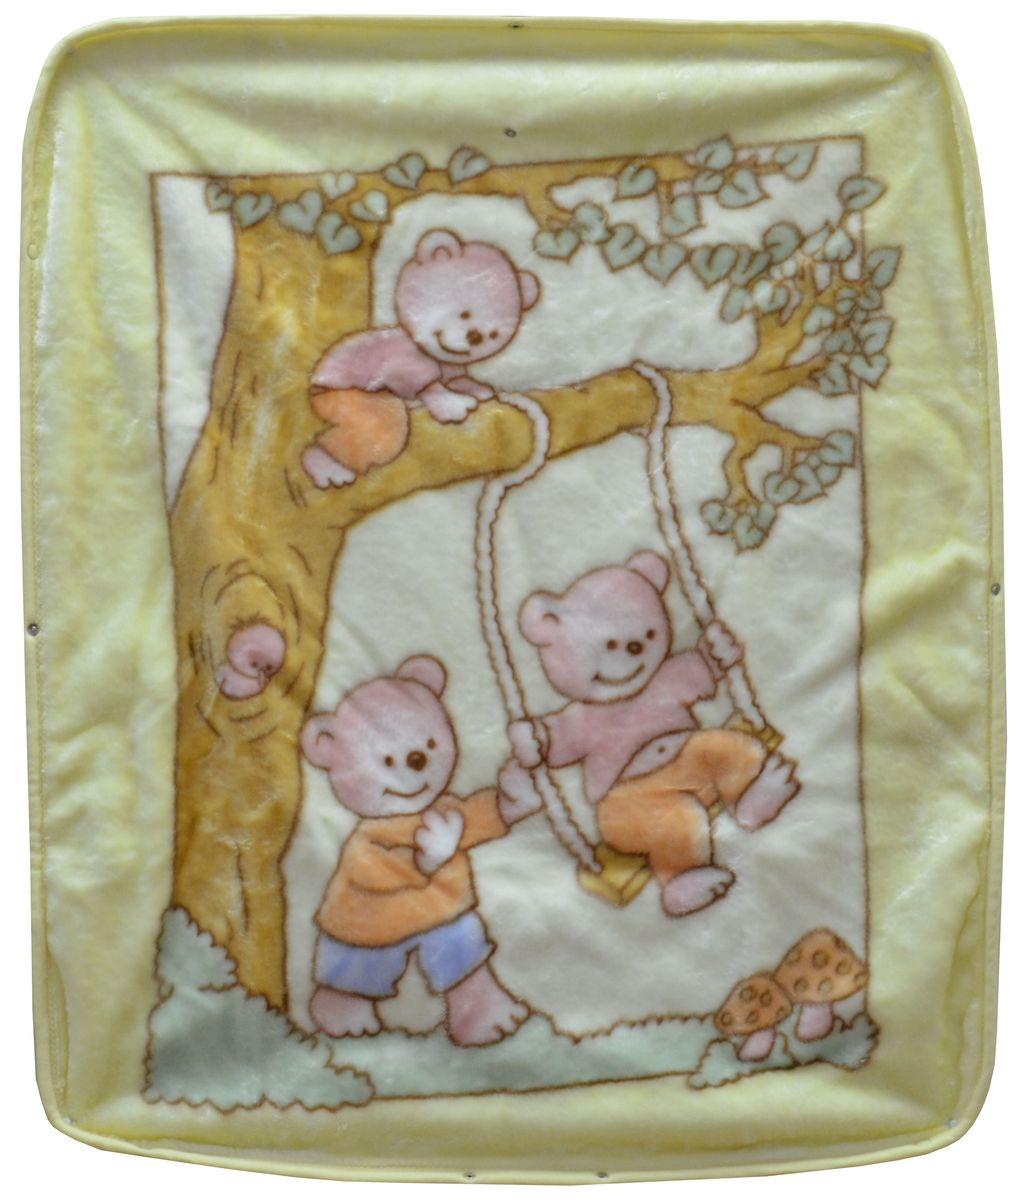 Bonne Fee Плед-накидка для младенцев на молнии 1, 80 х 90 см, цвет: желтыйОНДК/300-жёлт1Плед-накидка для младенцев на молнии Bonne Fee - защита, тепло и комфорт для малышей - использован надёжный, качественный и мягкий материал! Удобство и спокойствие для родителей обеспечивается универсальностью пледа-накидки, конструкция которого позволяет ему легко превращаться в конвертик. Отличное качество и практичность! Любите своего ребёнка и дарите ему лучшее!